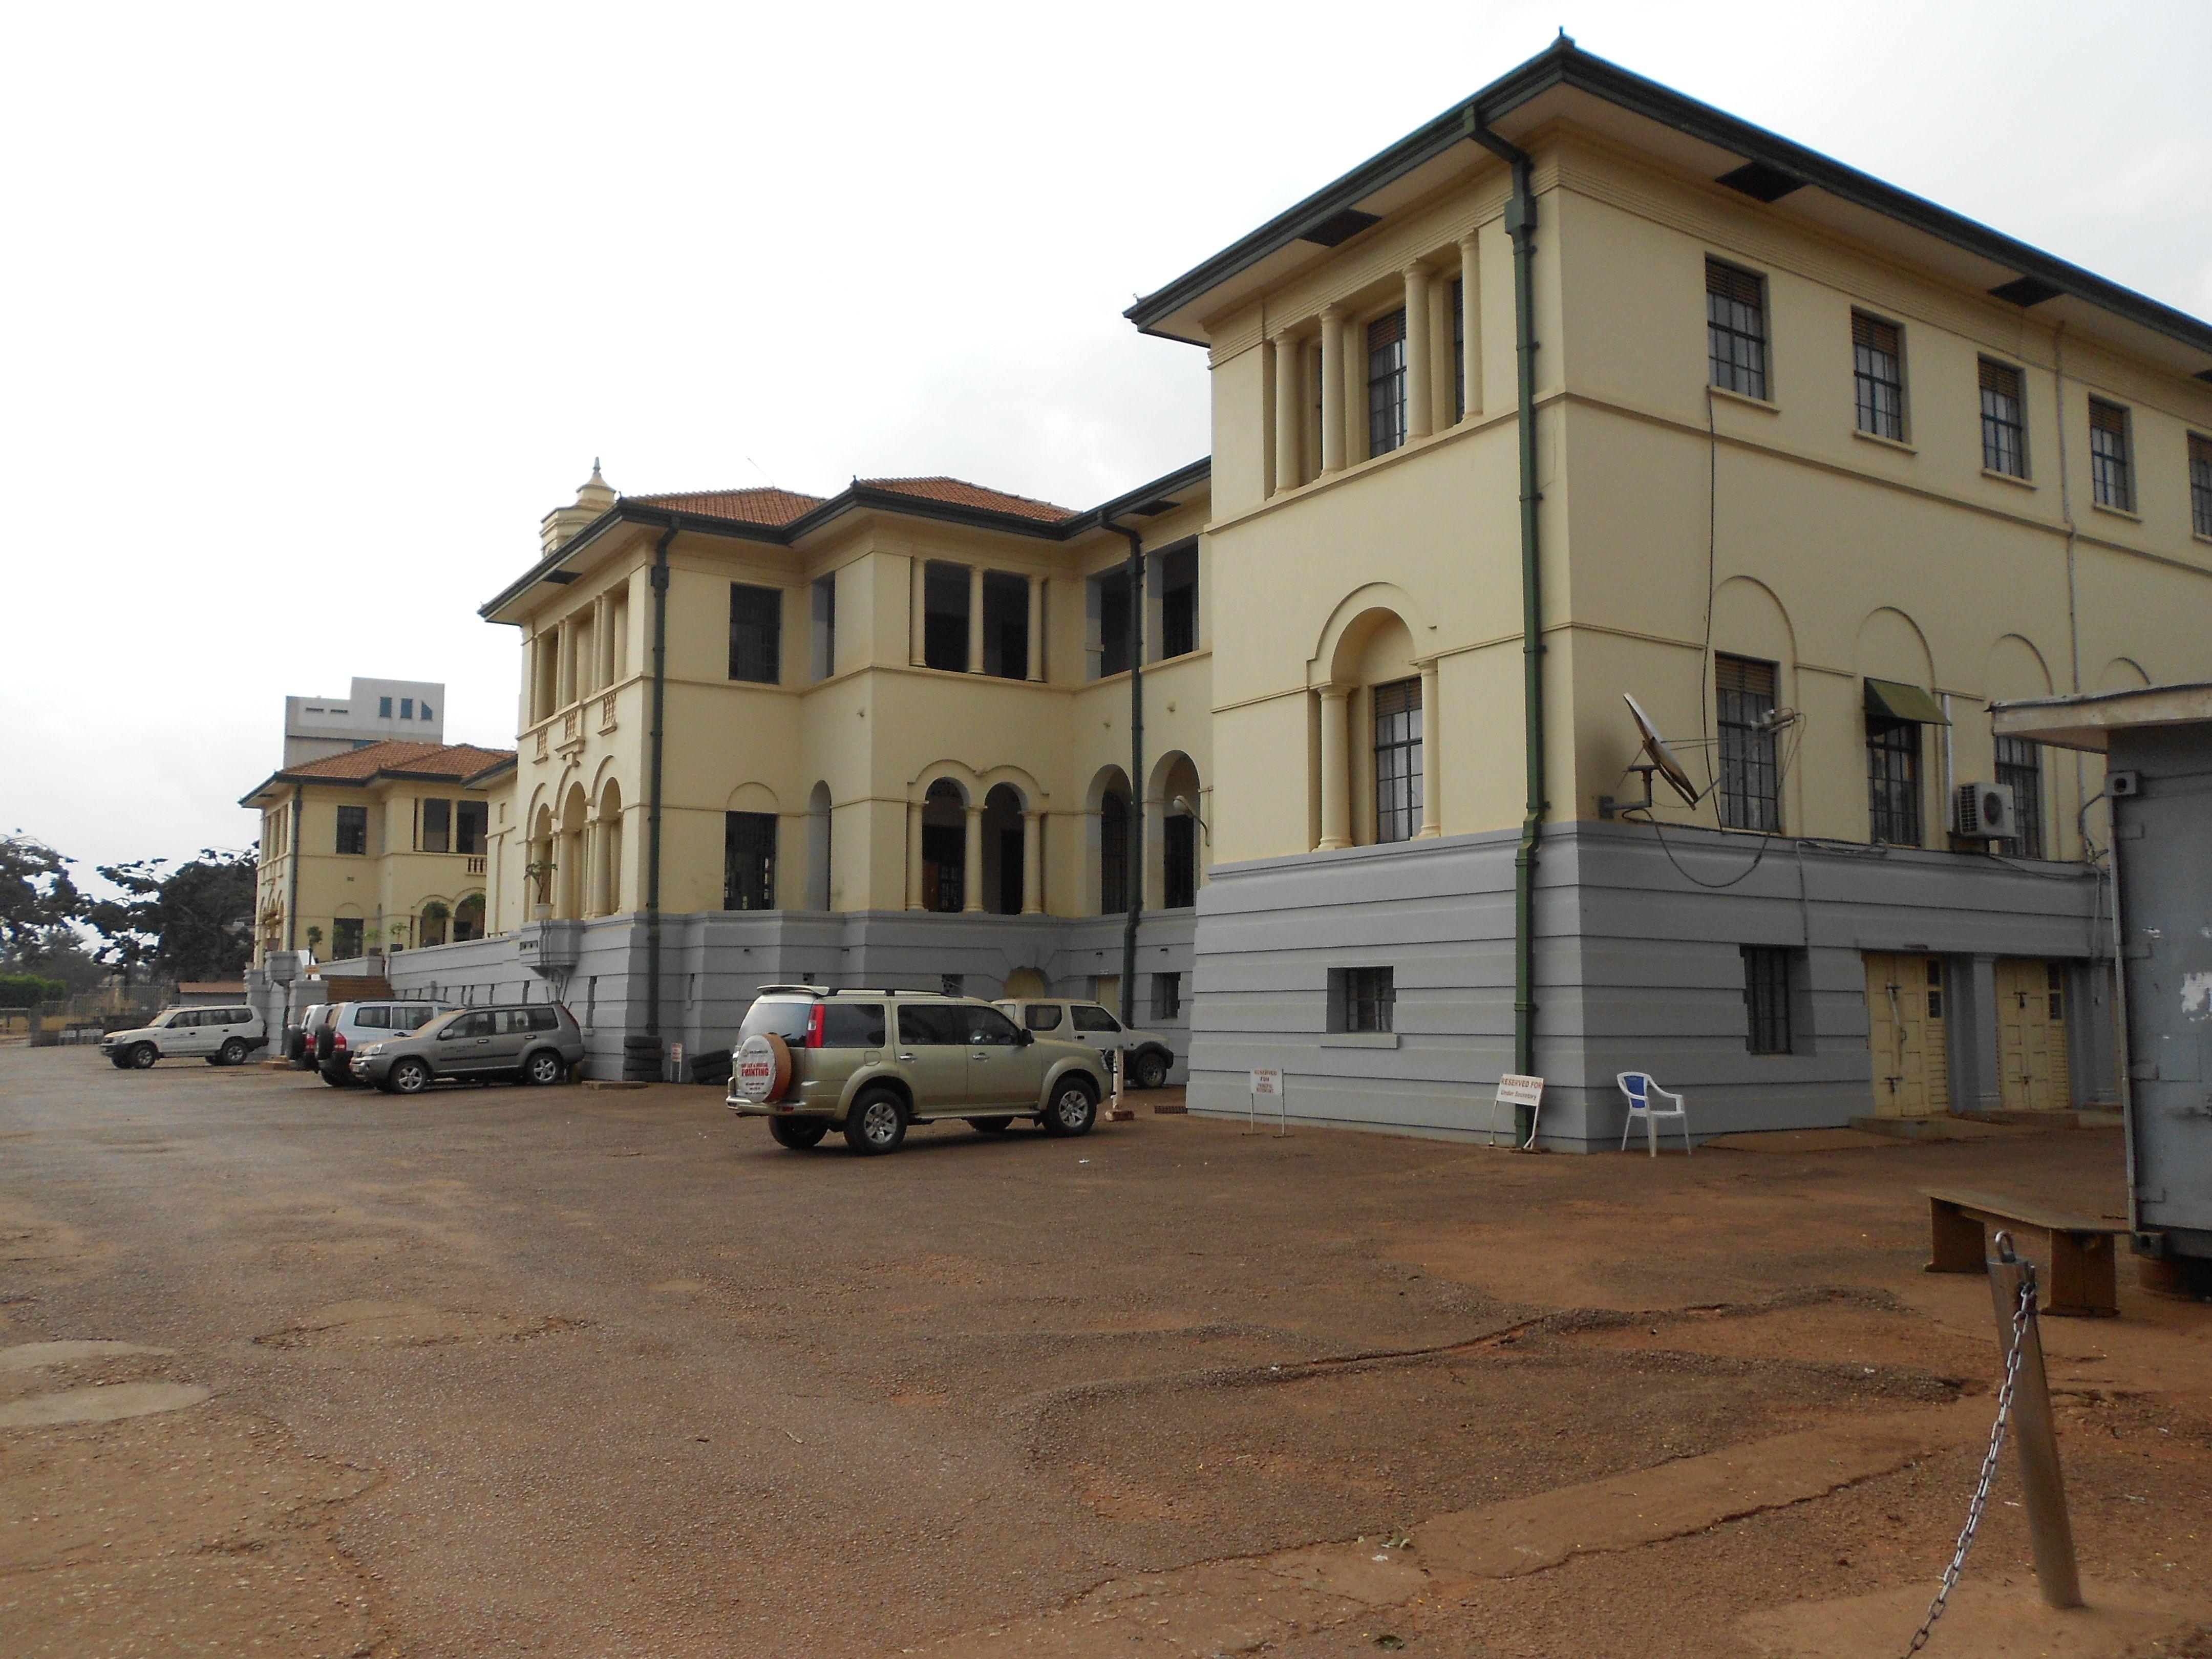 Colonial Architecture In Kampala Detalles Y Estilos